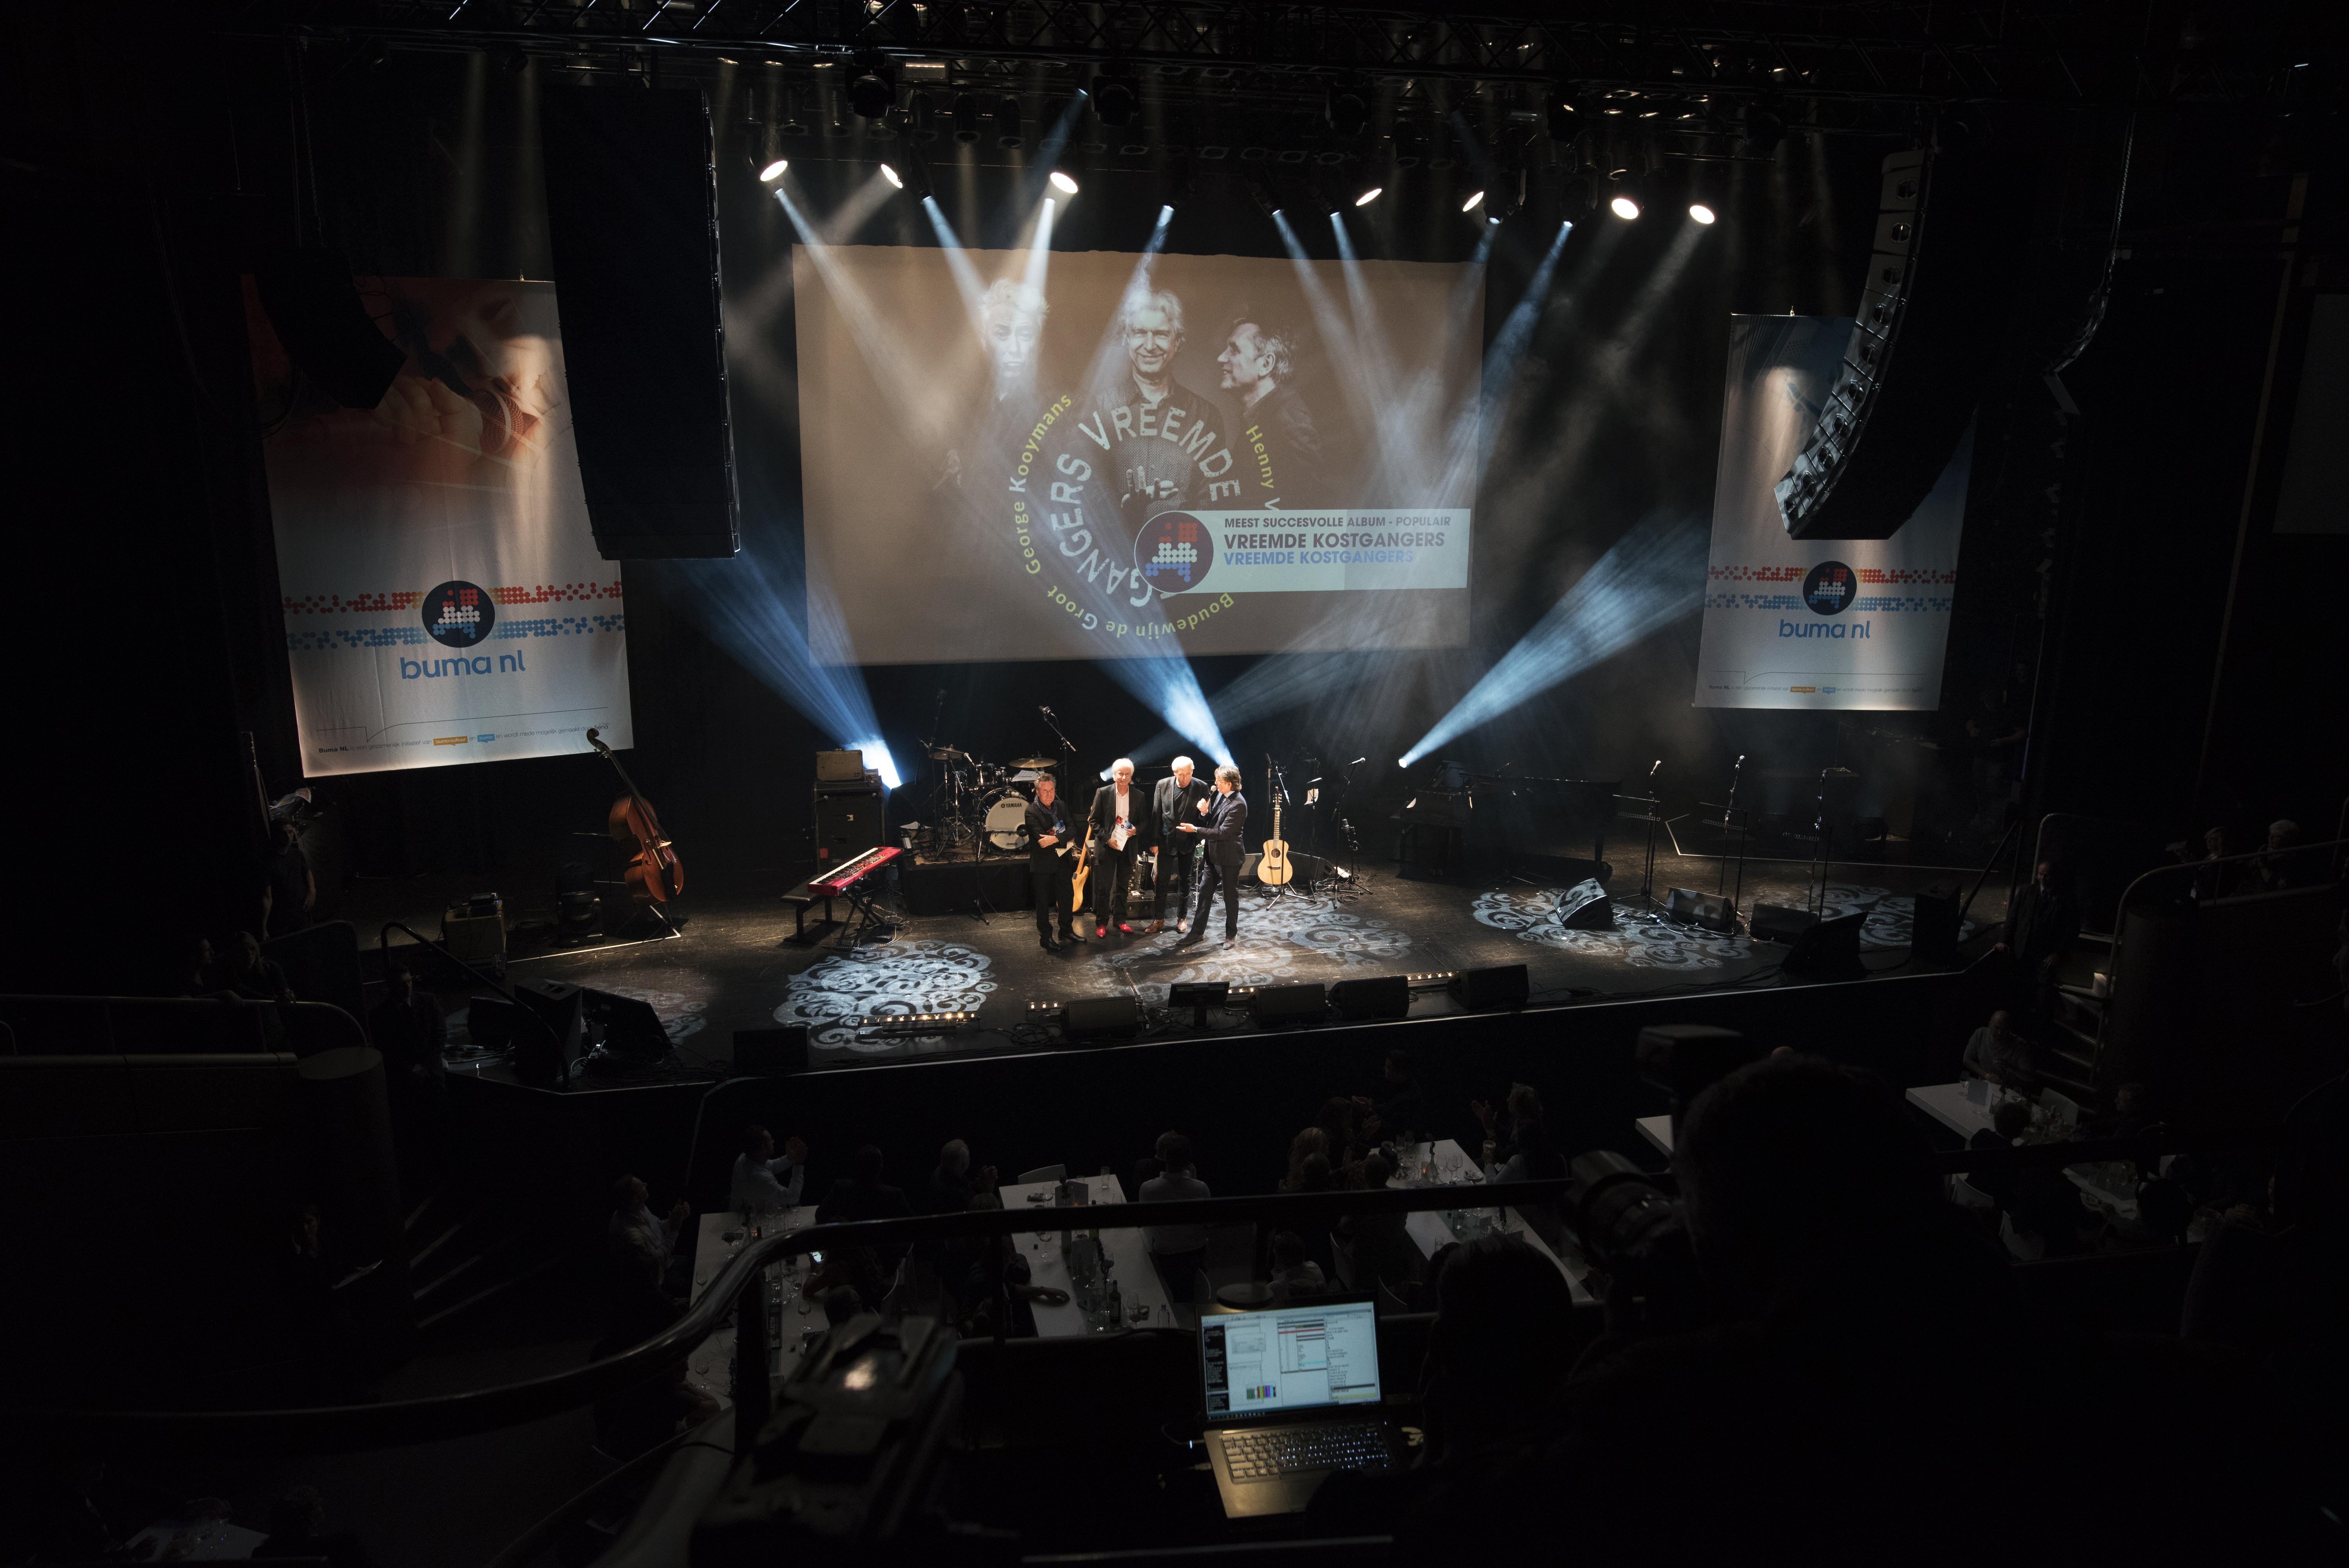 Boudewijn de Groot, George Kooymans en Henny Vrienten nemen Buma Nl Award in Ontvangst - Fotocredits: Shali Blok (ArtiestenNieuws)